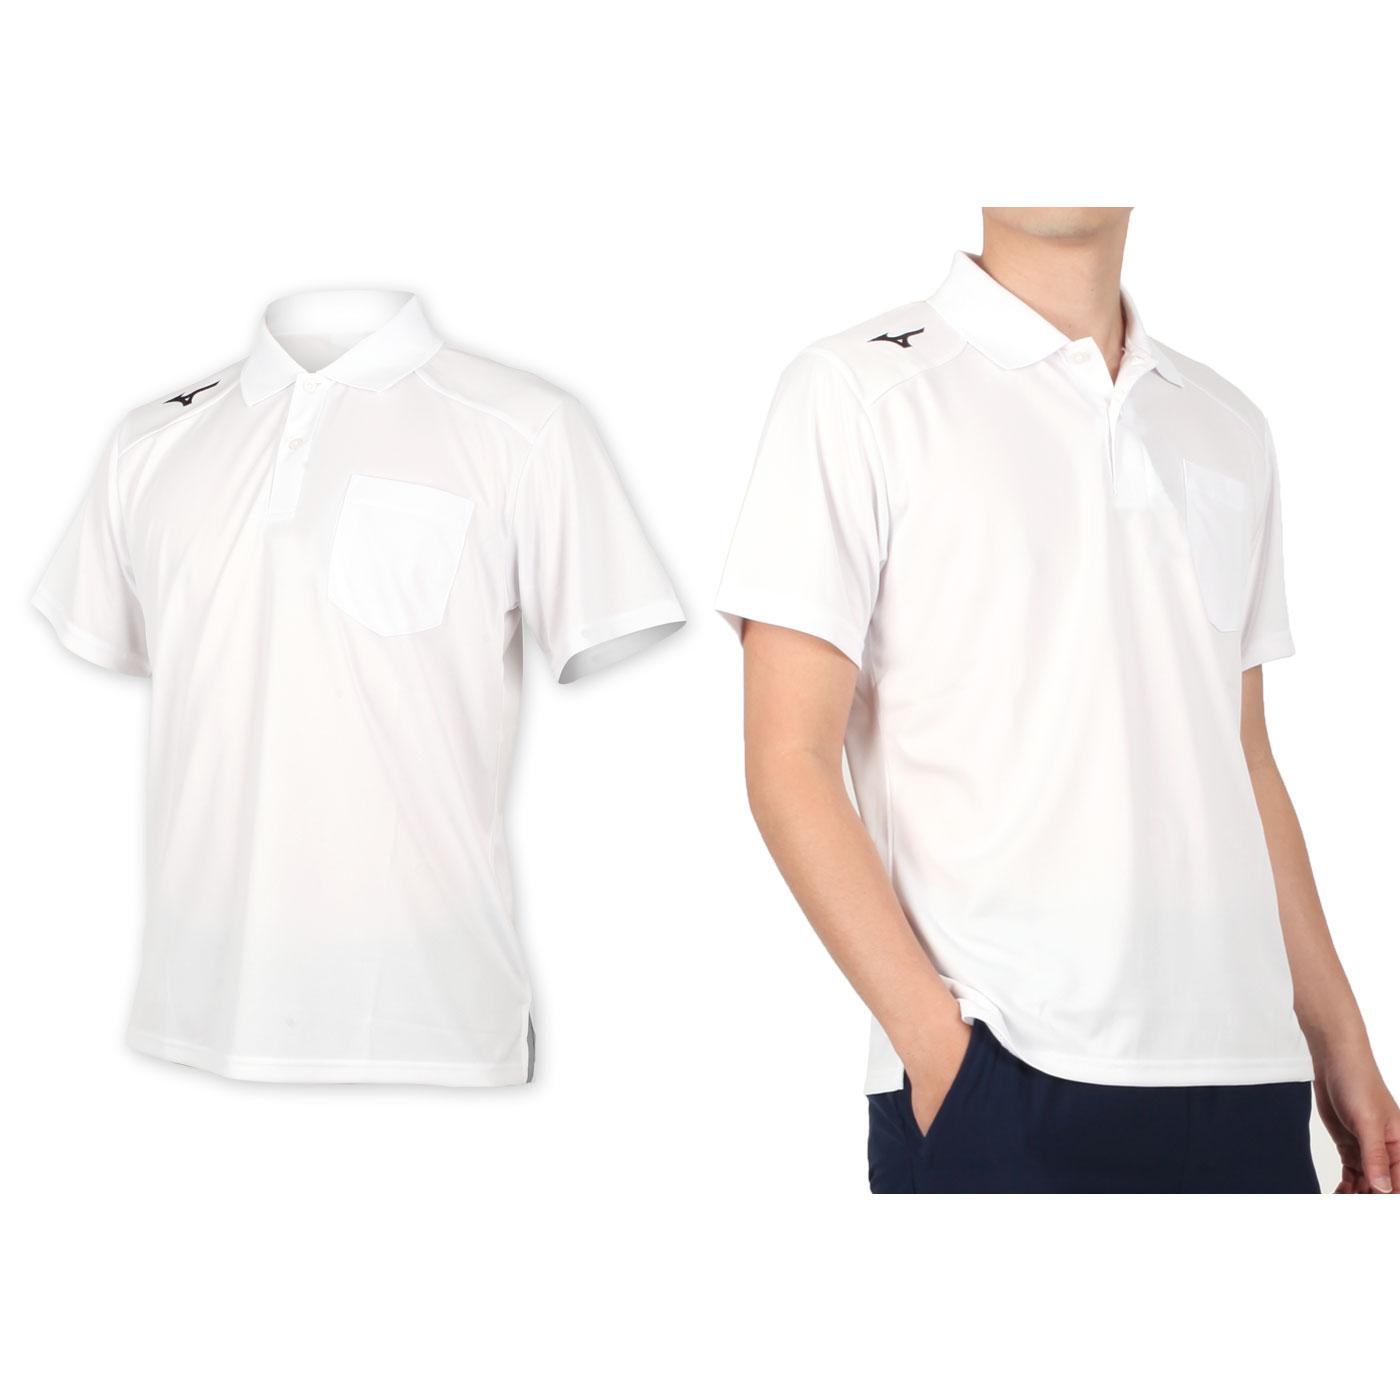 MIZUNO 男款短袖POLO衫 32TA002001 - 白黑